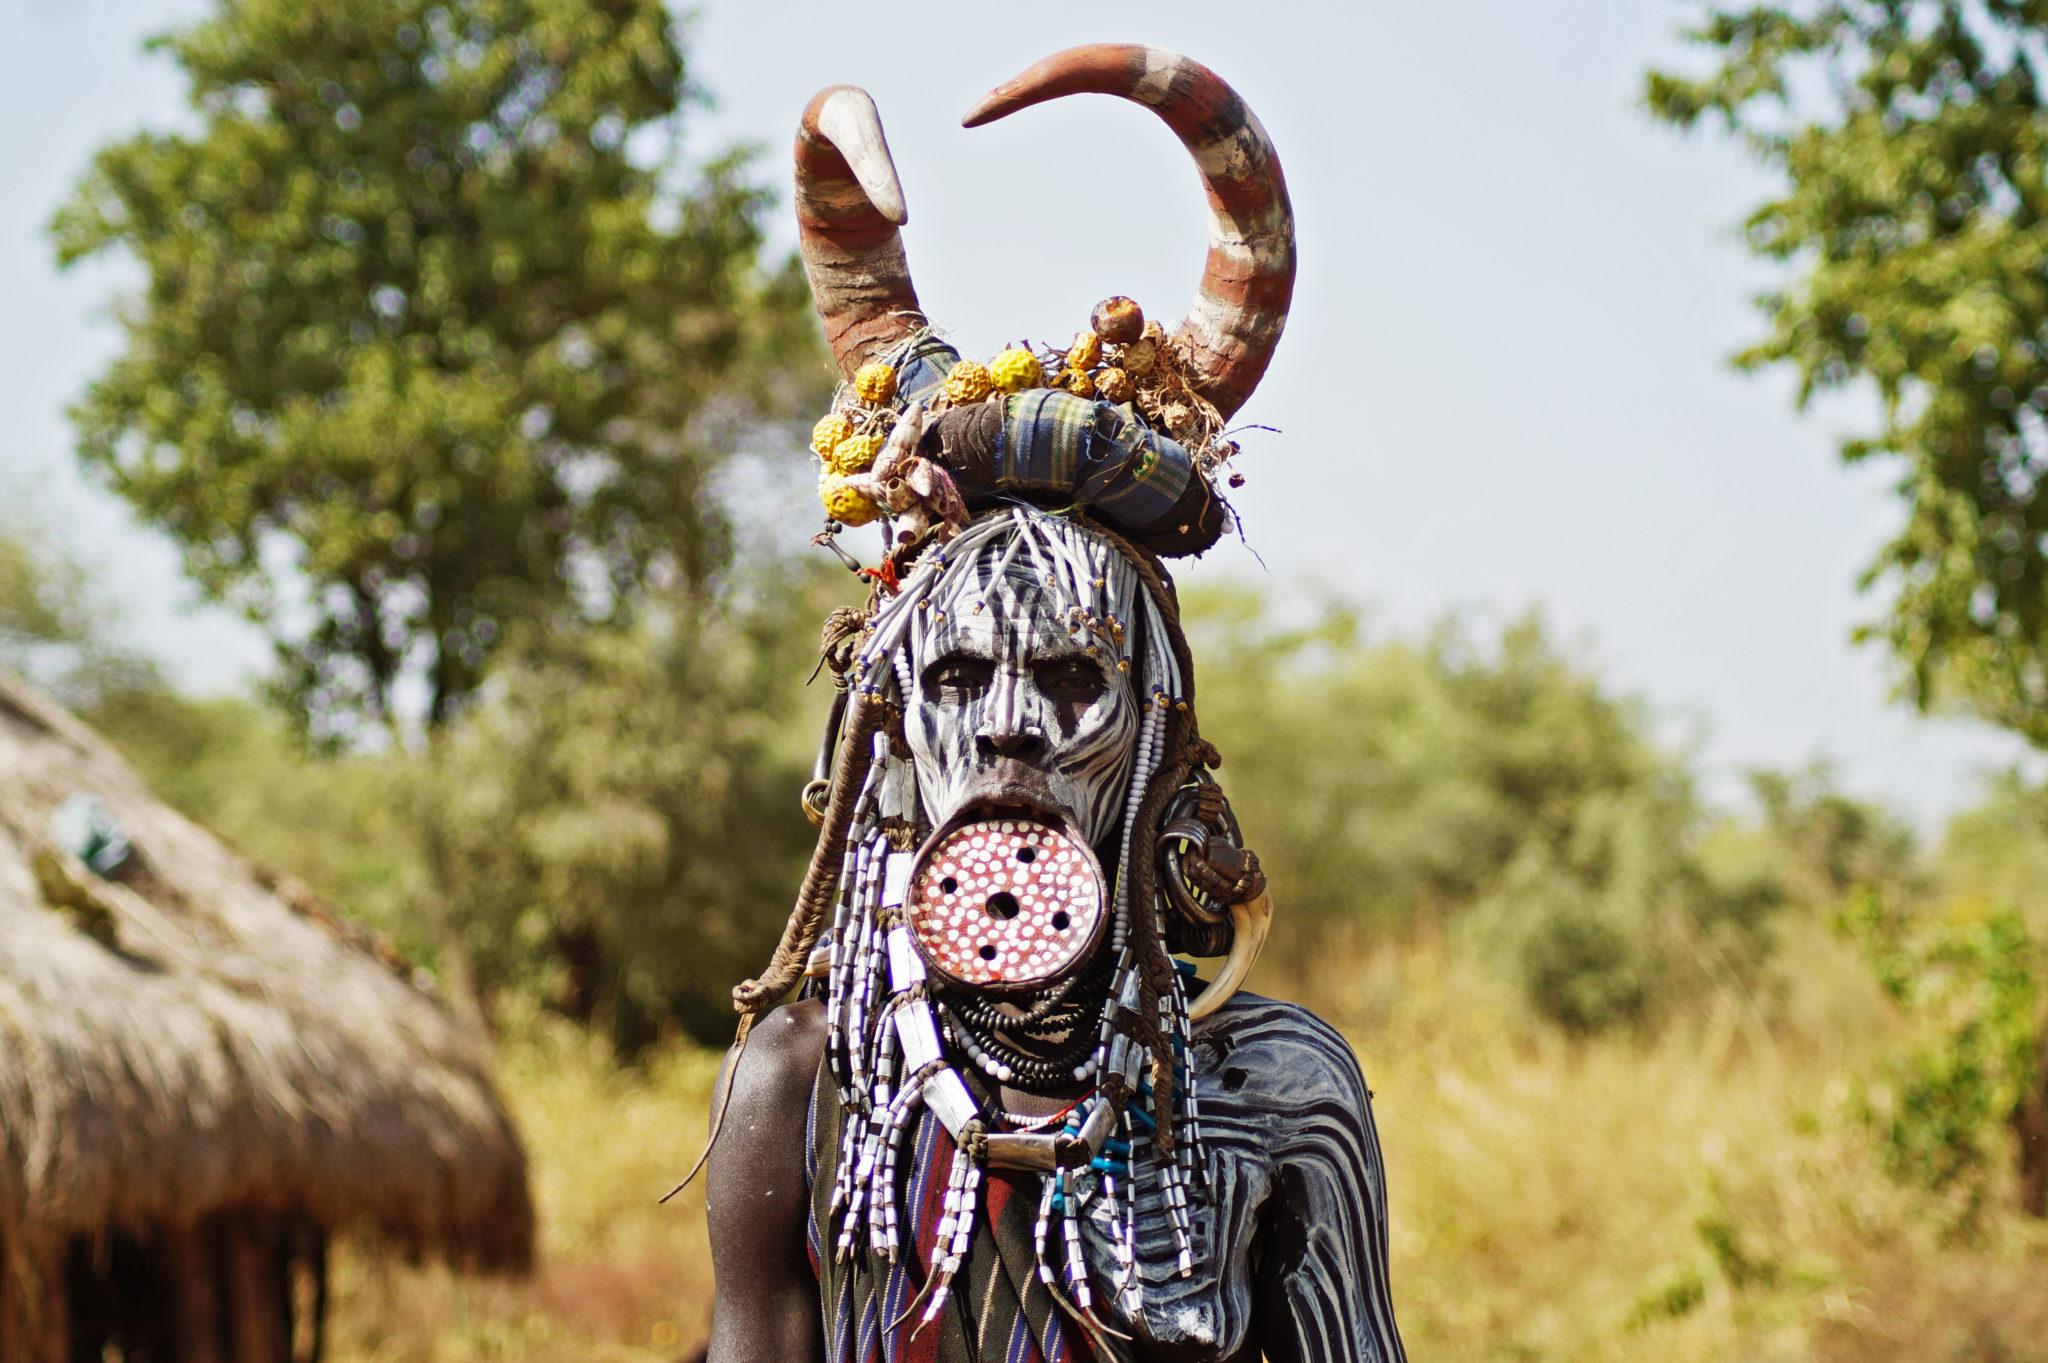 mursi-volk-aethiopien-frau-tellerlippe-hoerner